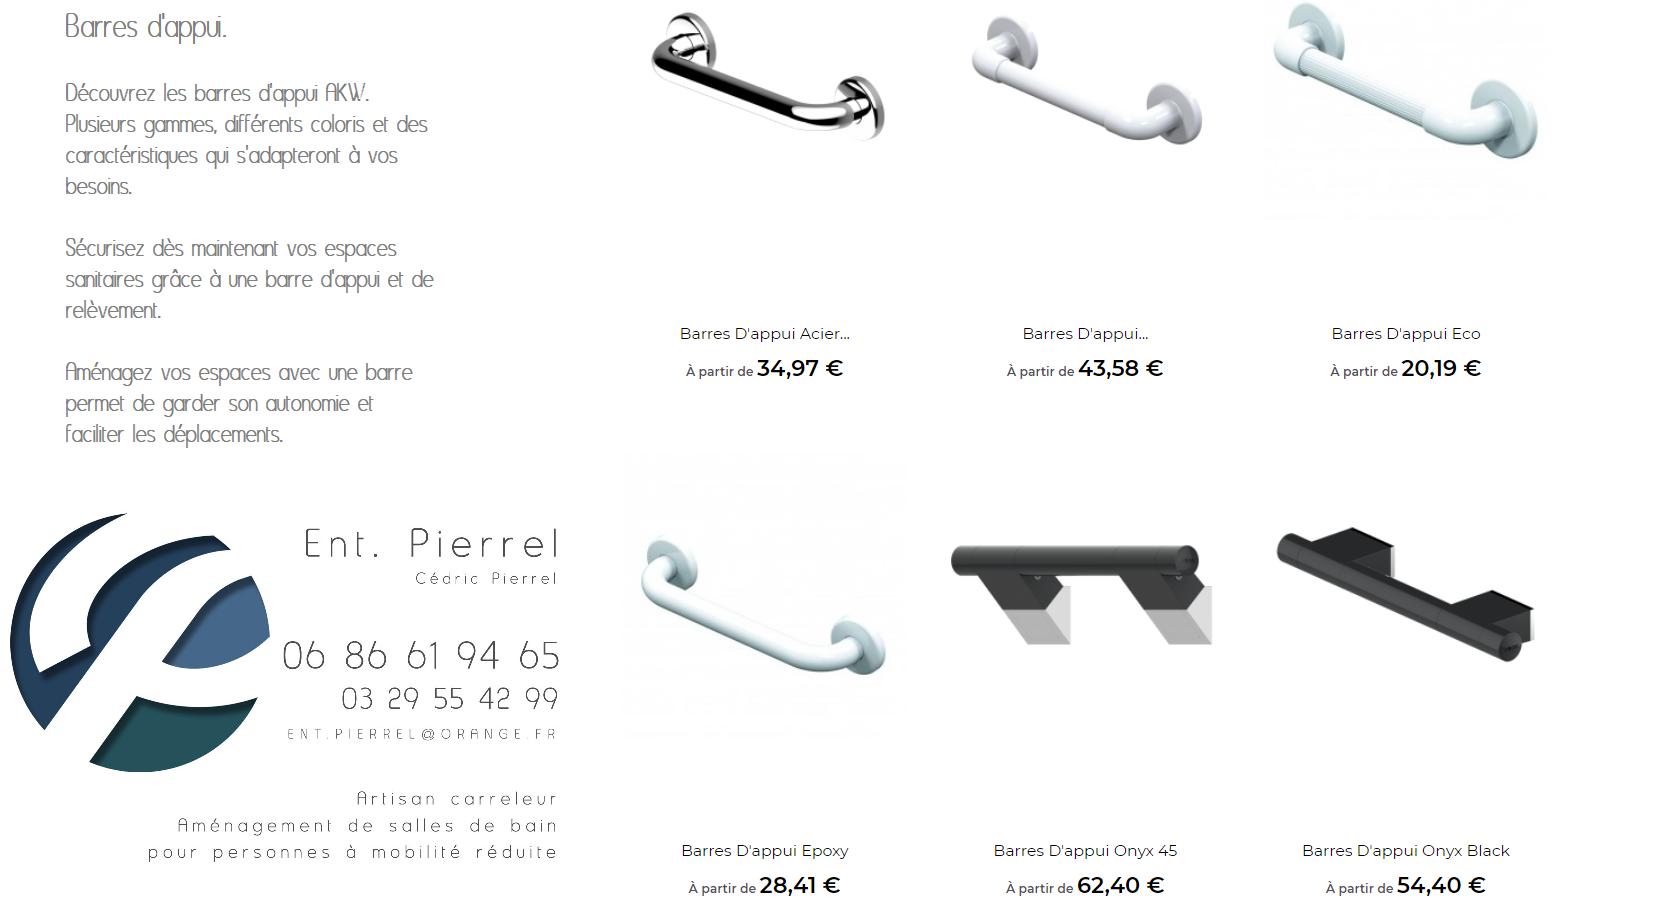 Barres d'appui - Entreprise Pierrel - 88100 Taintrux. Tel 03.29.55.42.99.